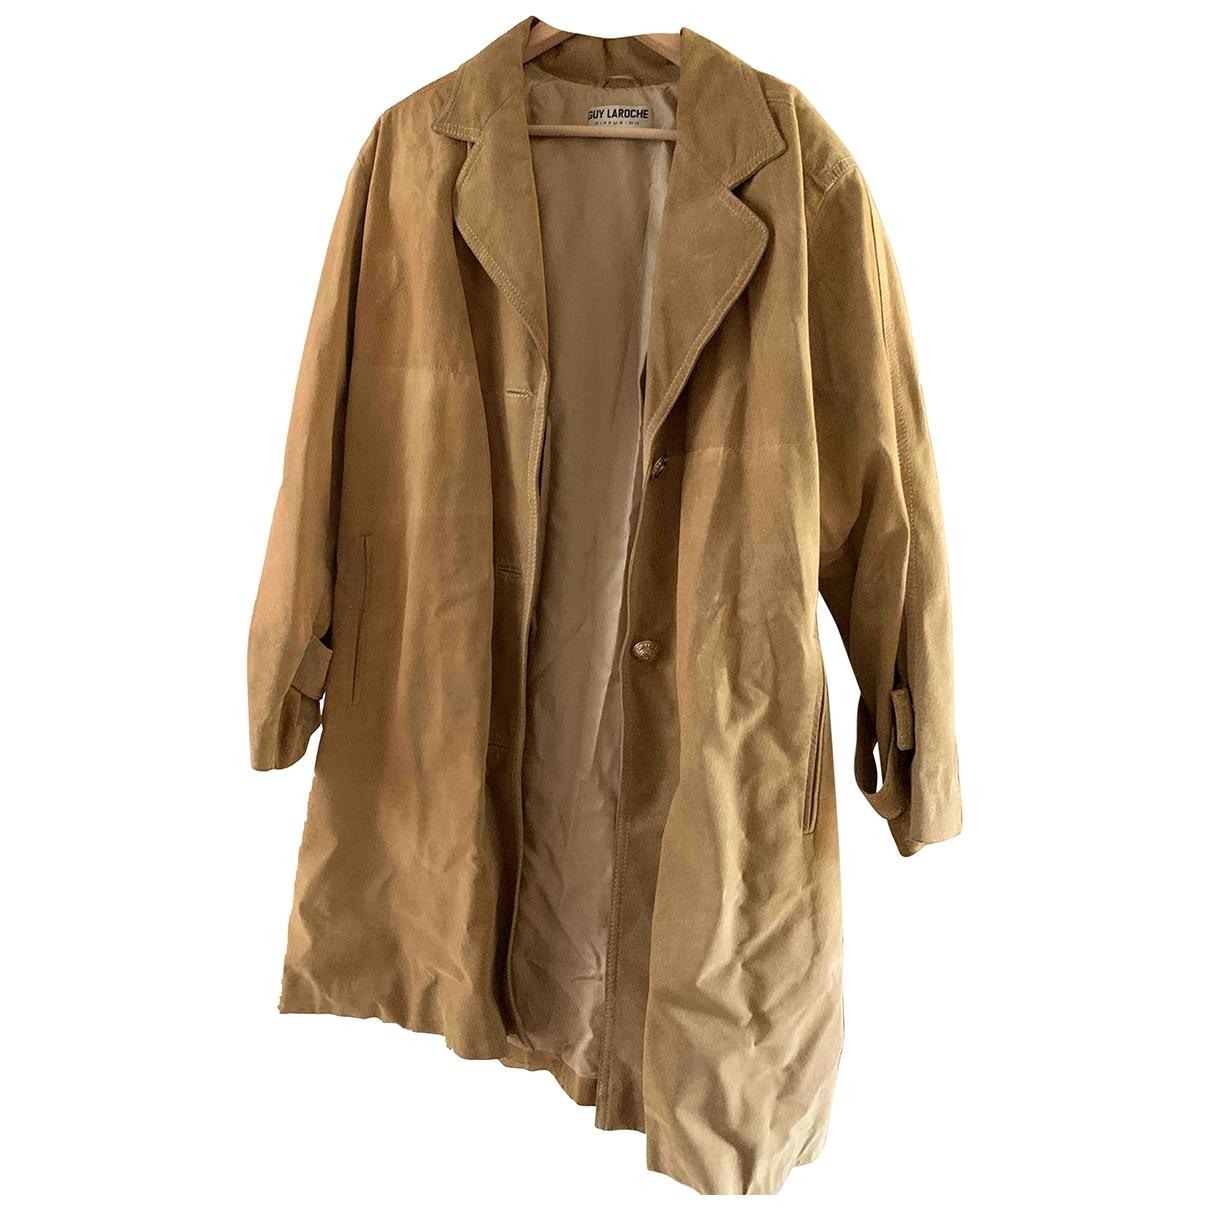 Guy Laroche \N Camel Leather coat for Women XXL International